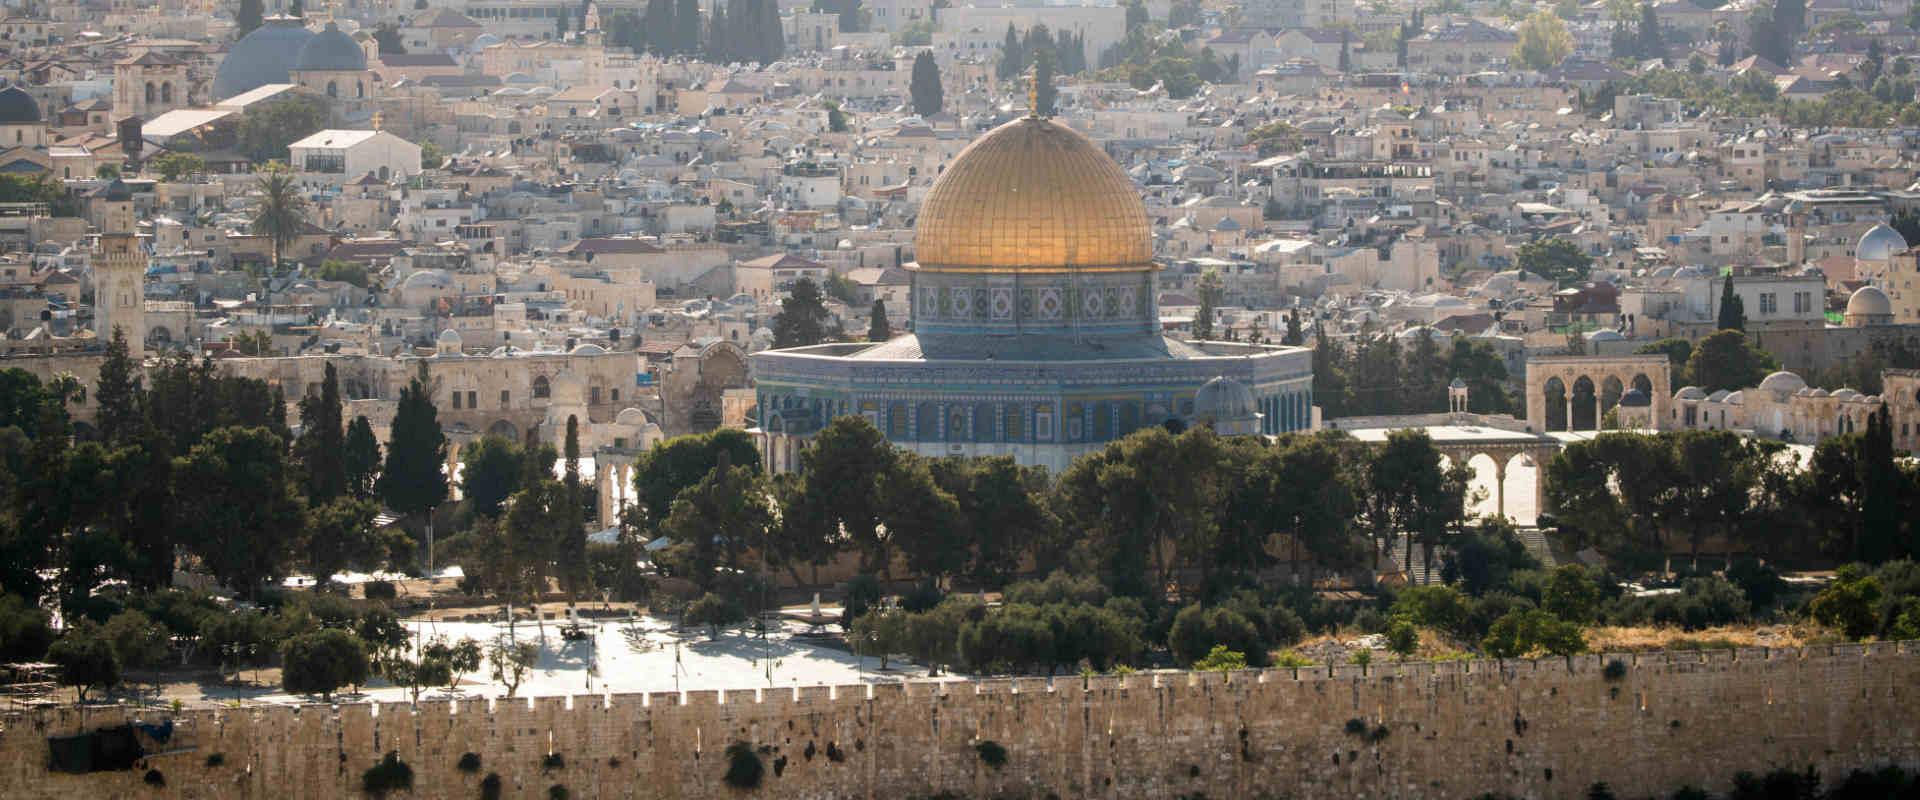 נוף העיר העתיקה בירושלים